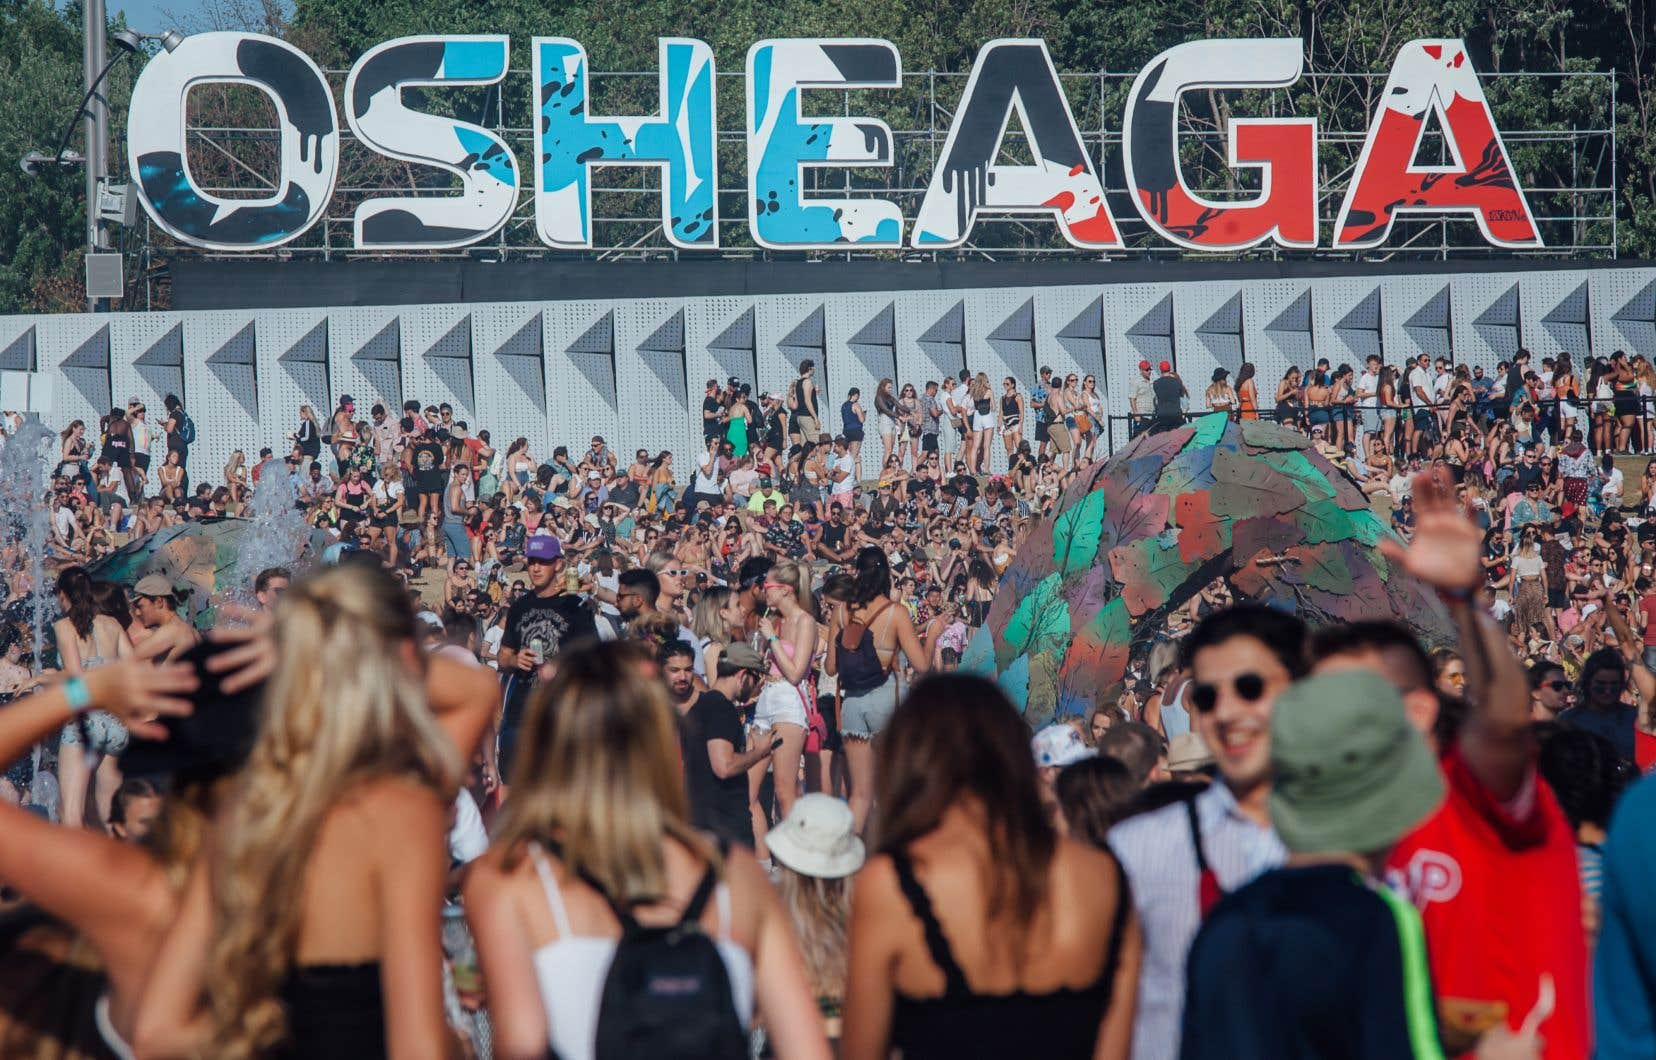 Le festival Osheaga devait célébrer son 15e anniversaire cet été. Photo de l'édition 2019